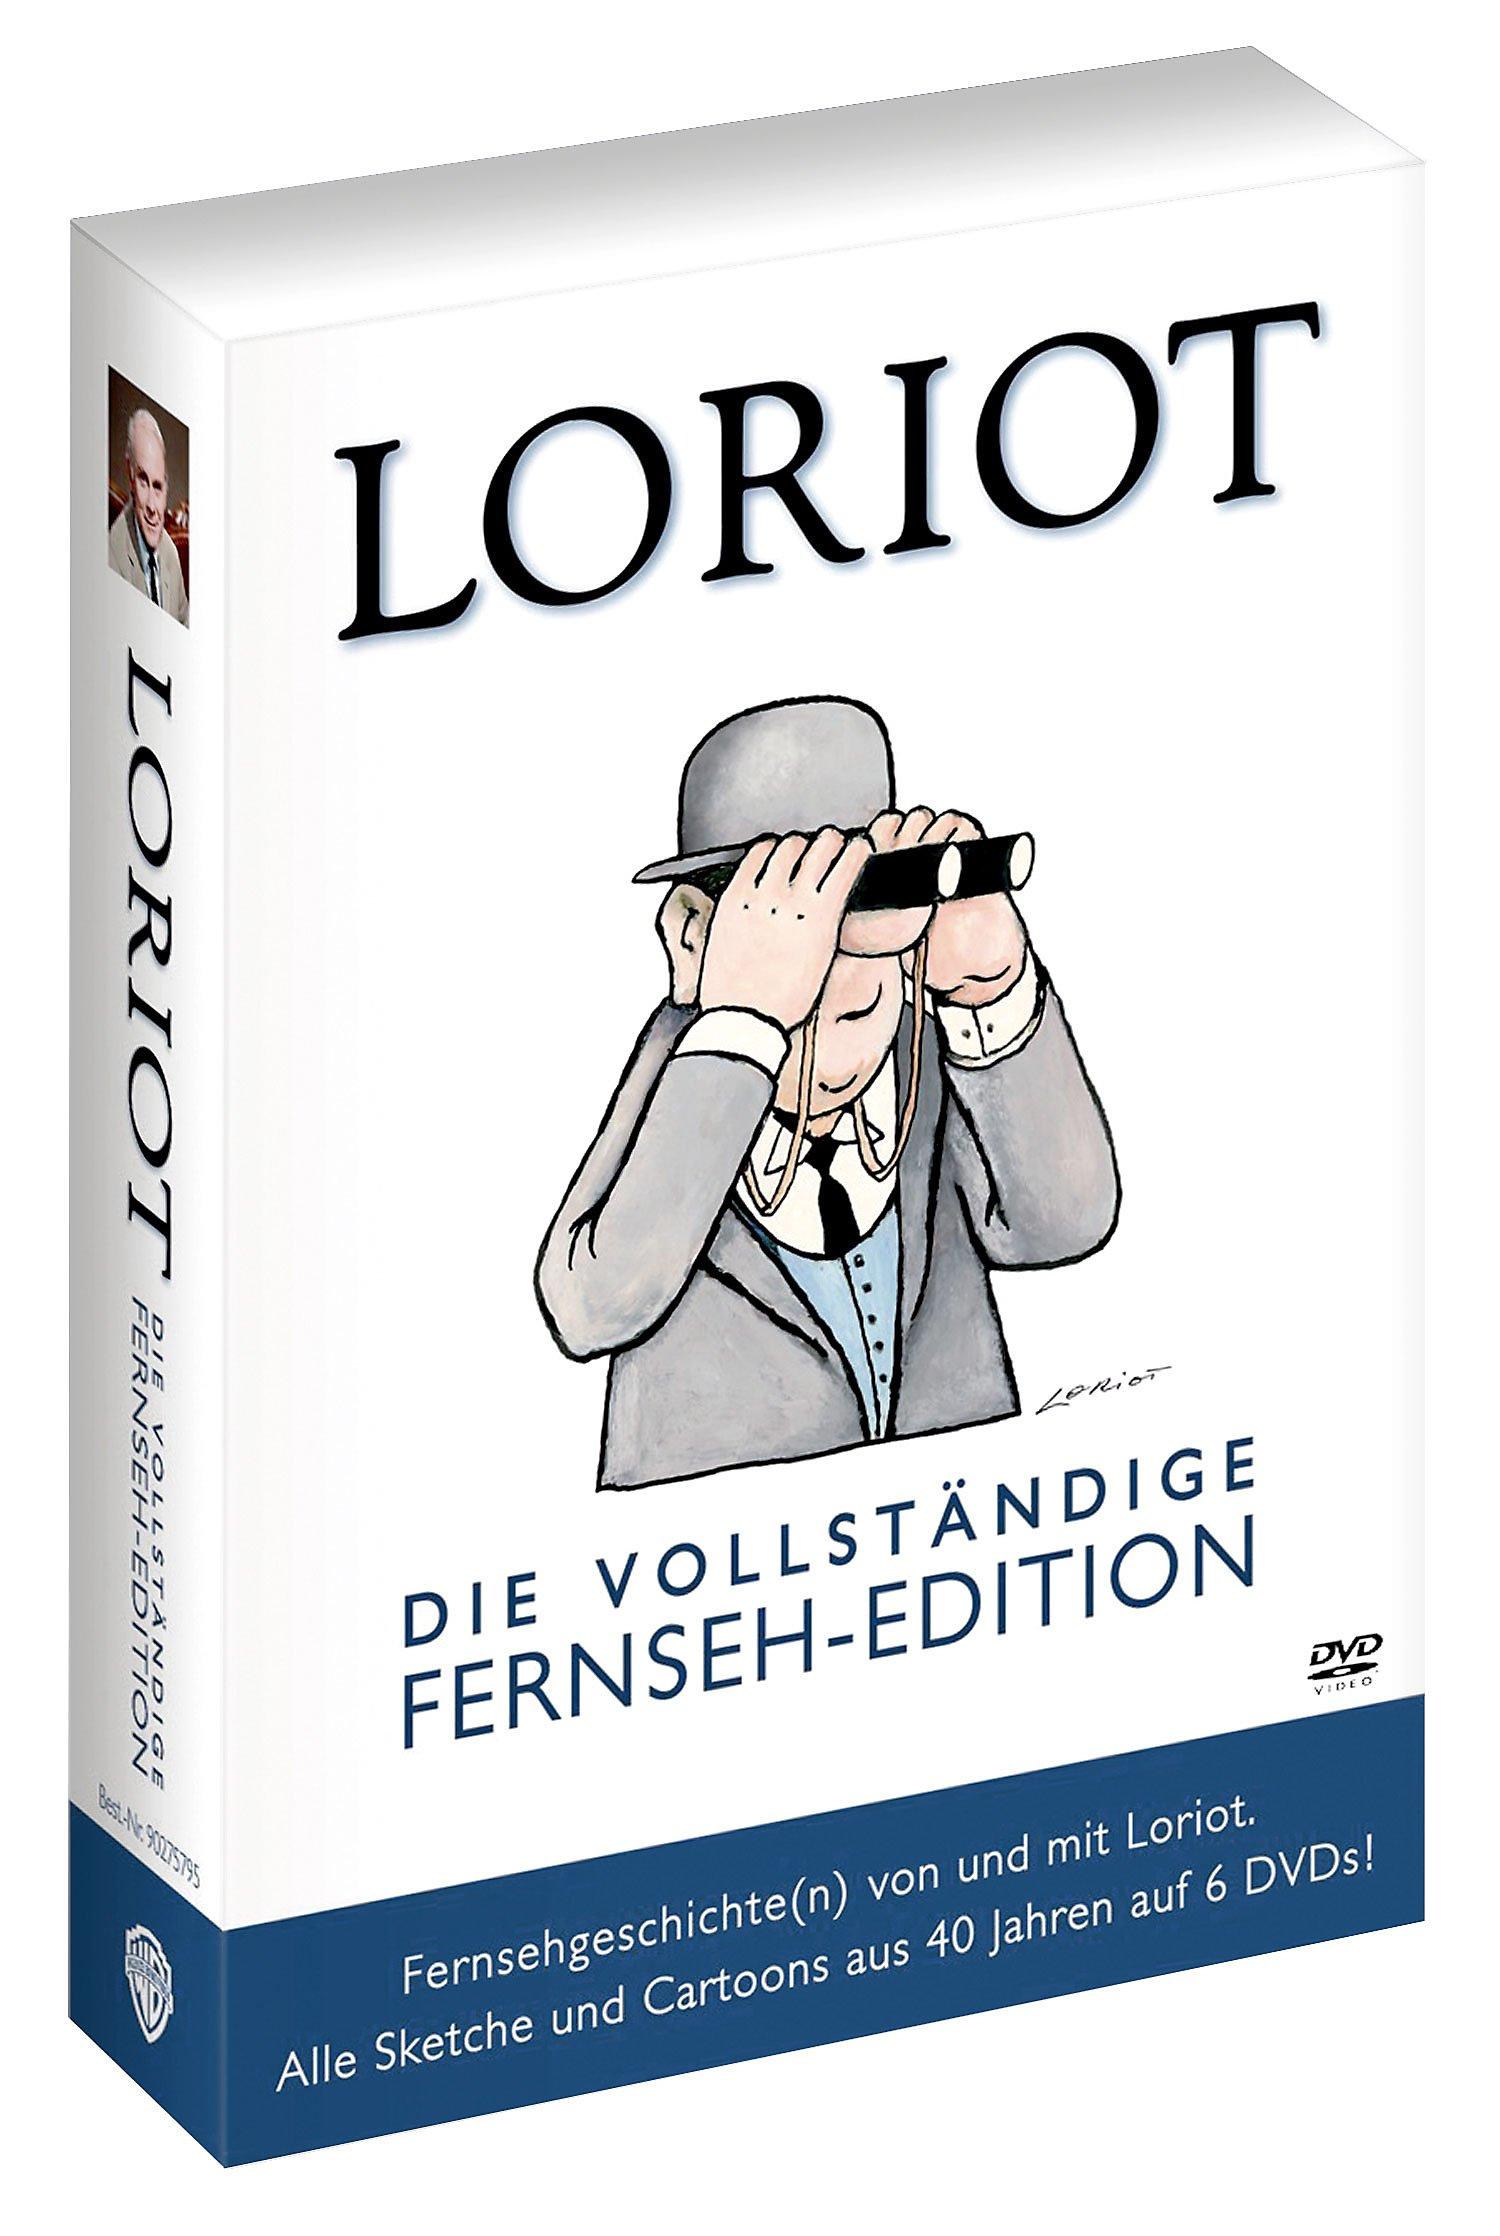 Loriot Die Vollständige Fernseh Edition Dvd Weltbildde